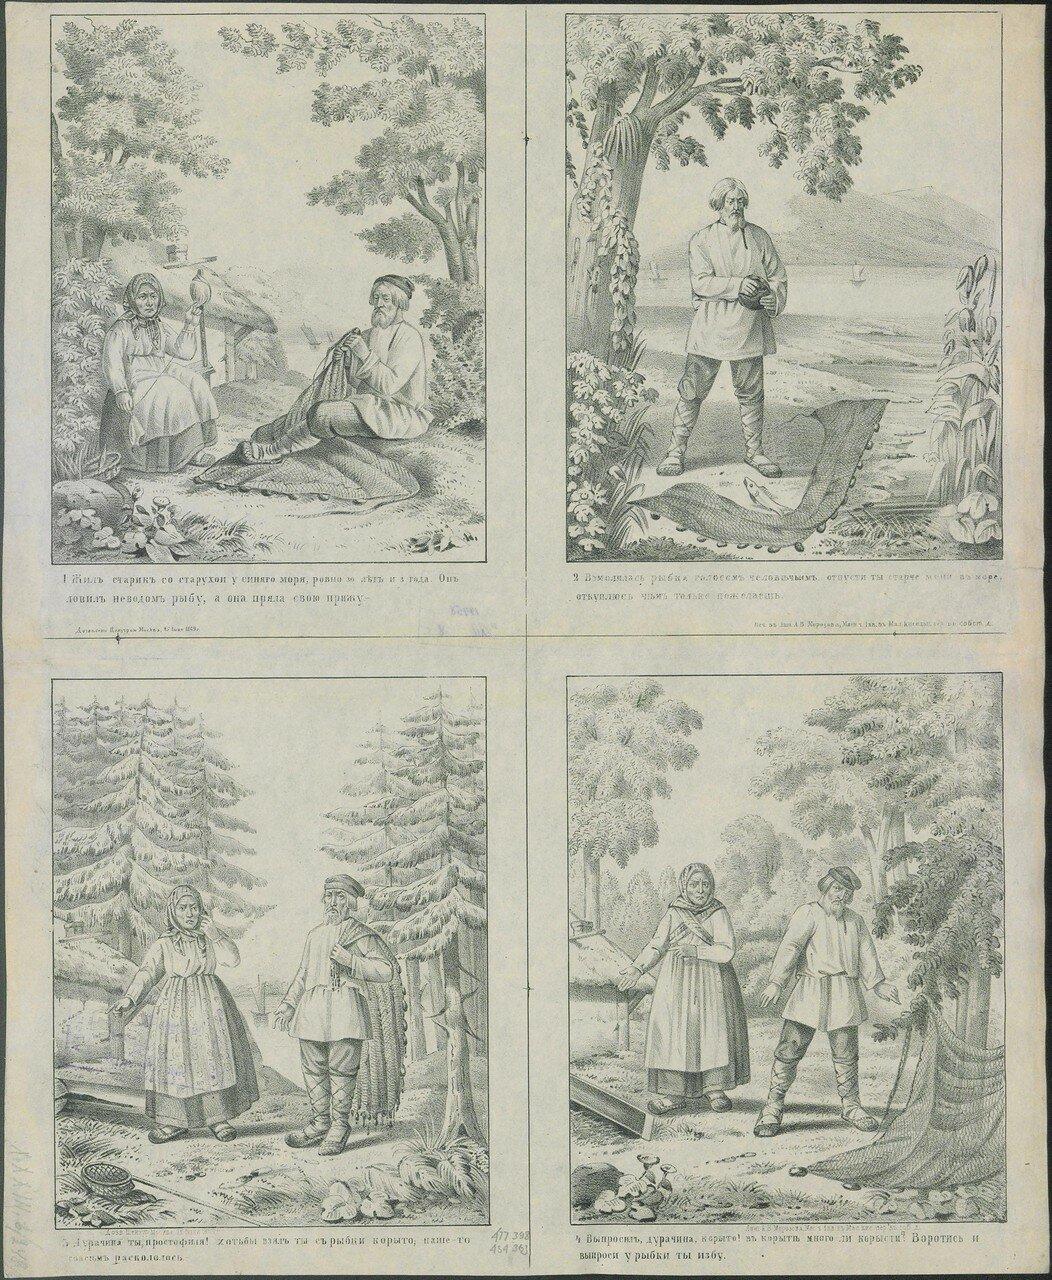 1869. Сказка о рыбаке и рыбке. Жил старик со старухой у синего моря, ровно 30 лет и три года... Москва, Лит. А.В. Морозова